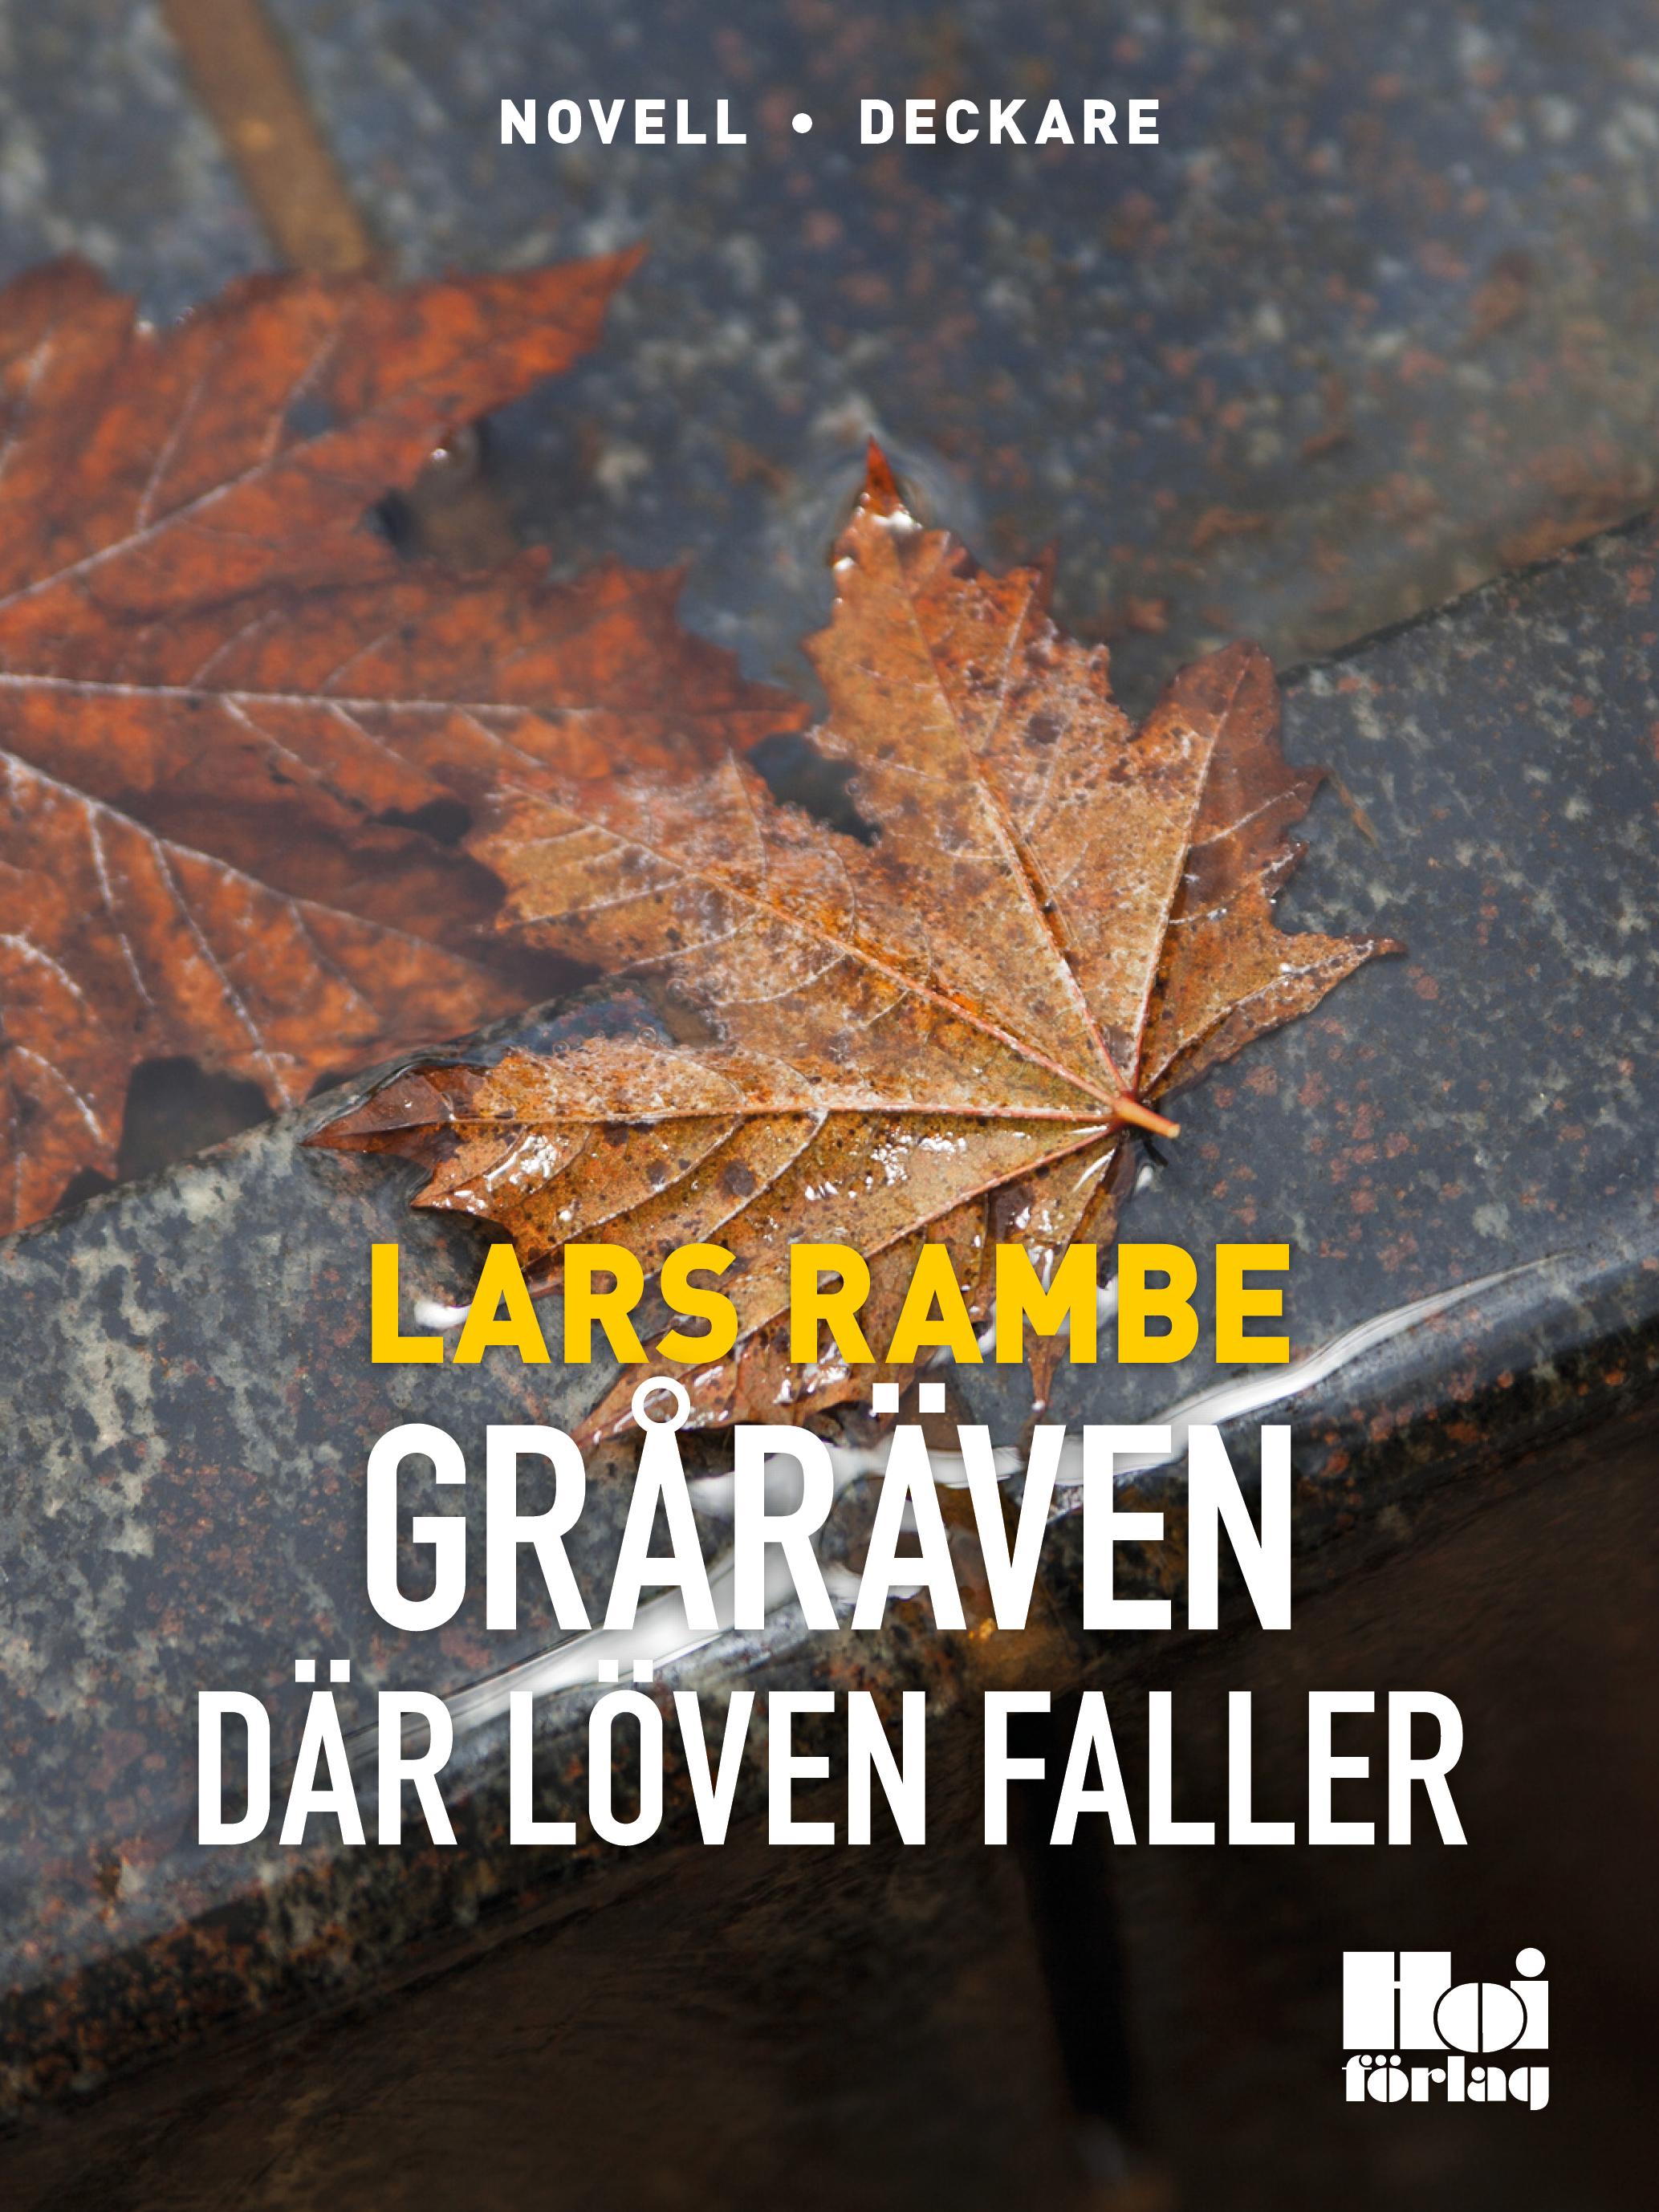 Gråräven - Där löven faller